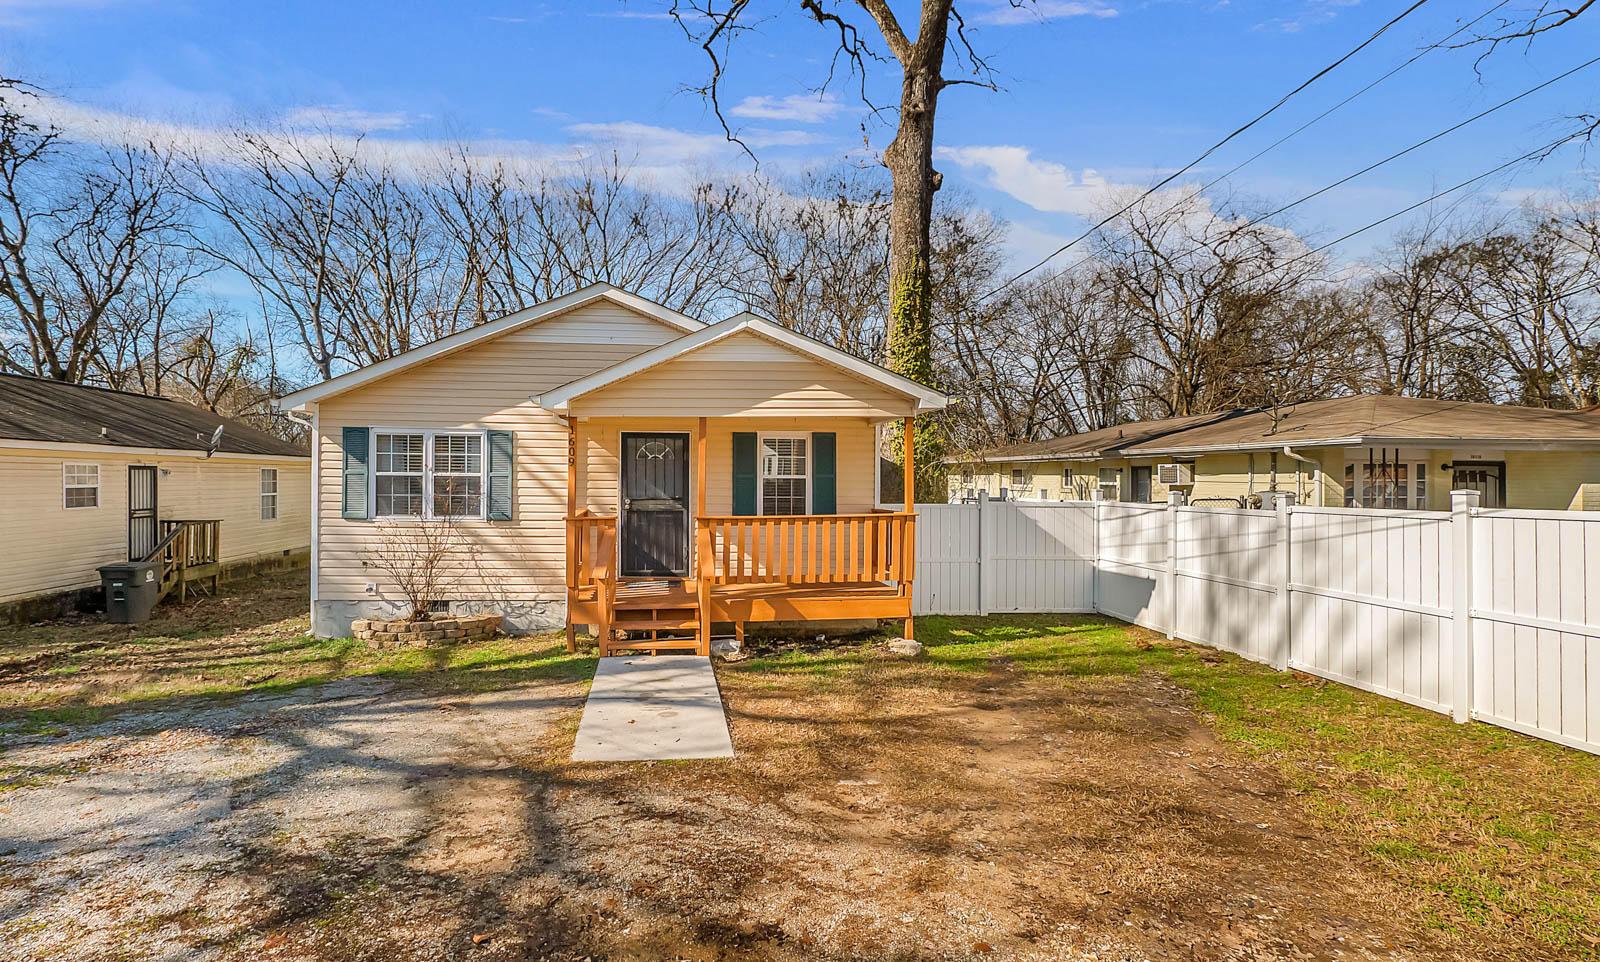 1609 Roanoke Ave, Chattanooga, TN 37406